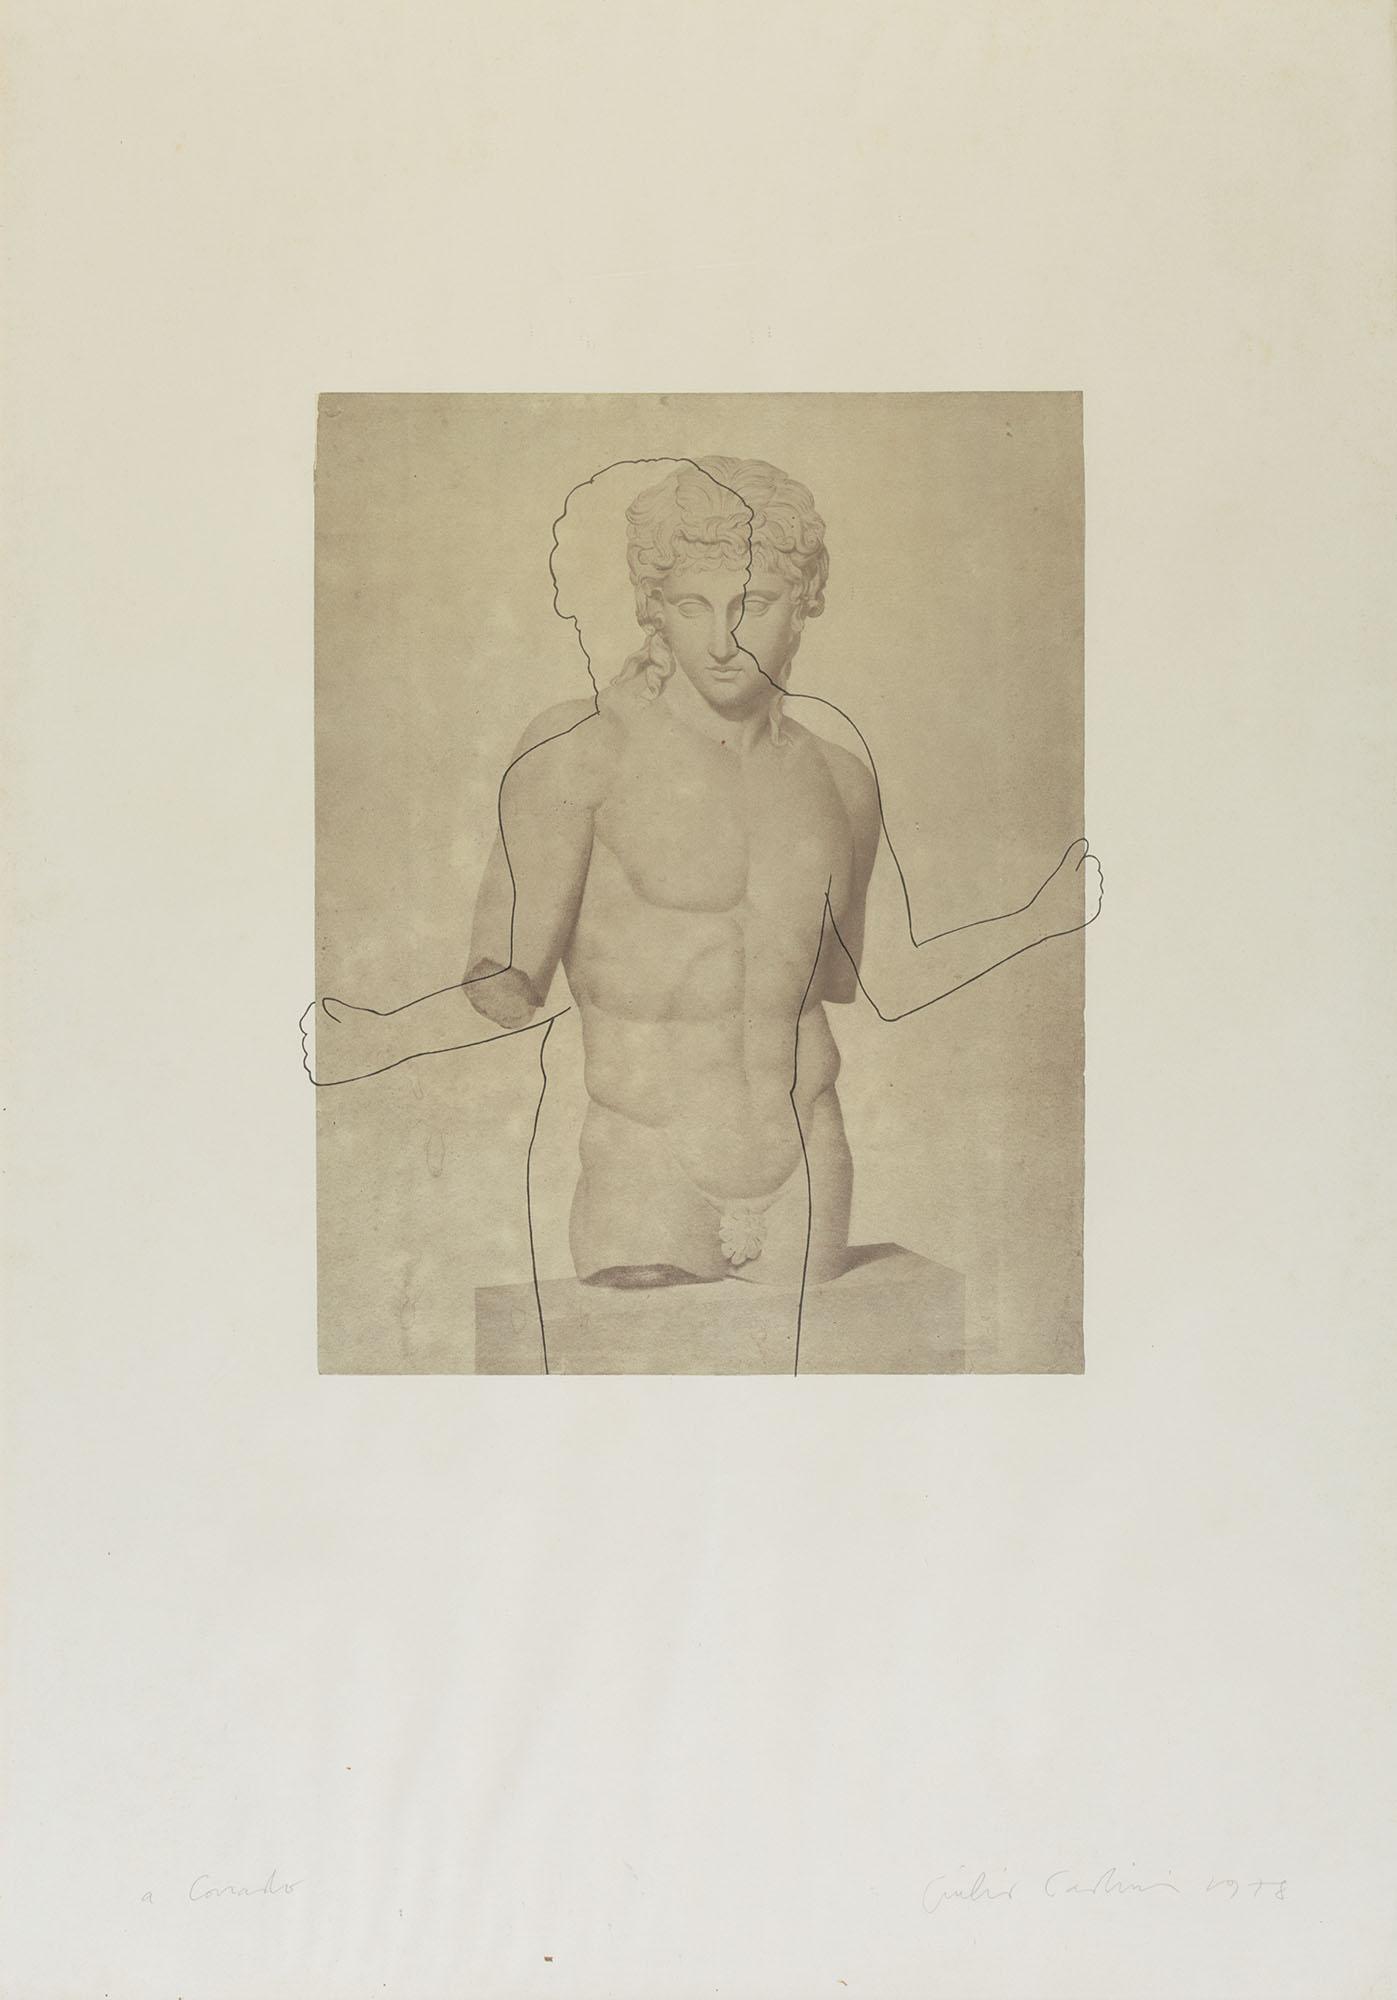 Senza titolo (Cratilo), 1978